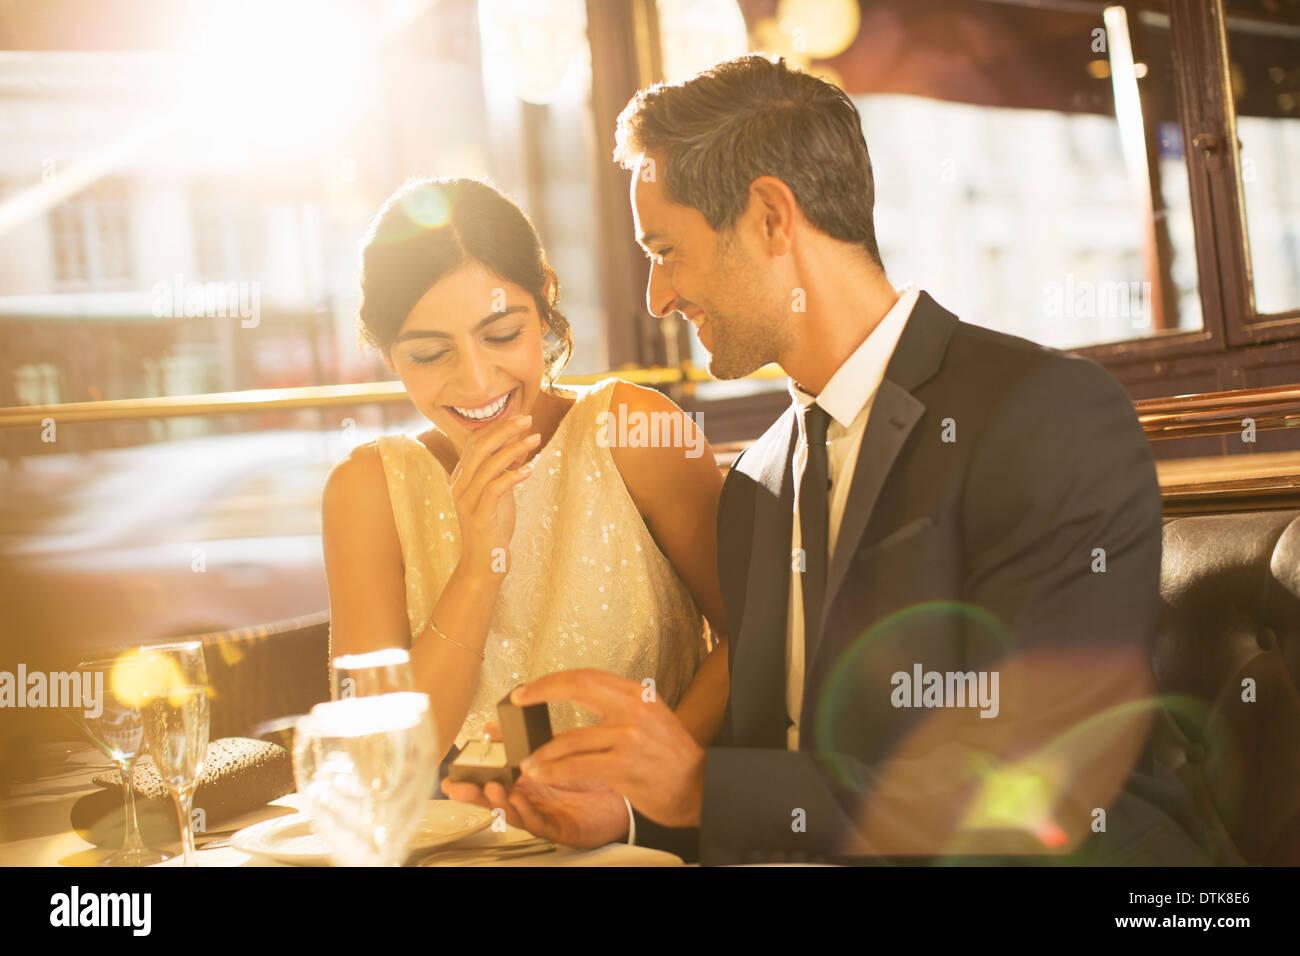 L'homme qui se propose d'amie en restaurant Photo Stock